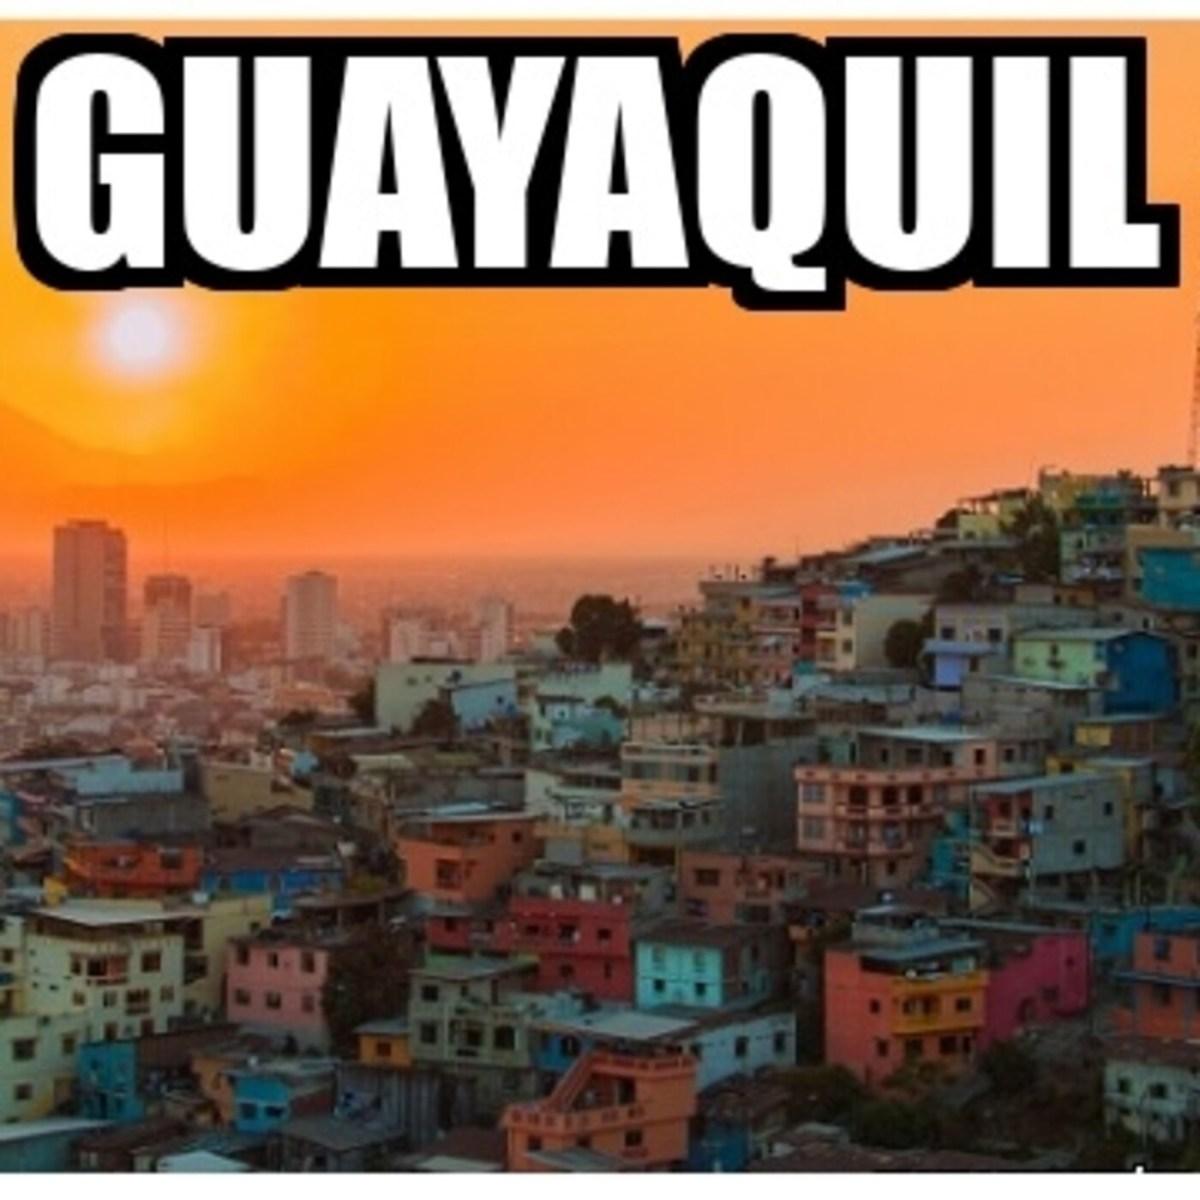 30 días – 30 ciudades – Guayaquil